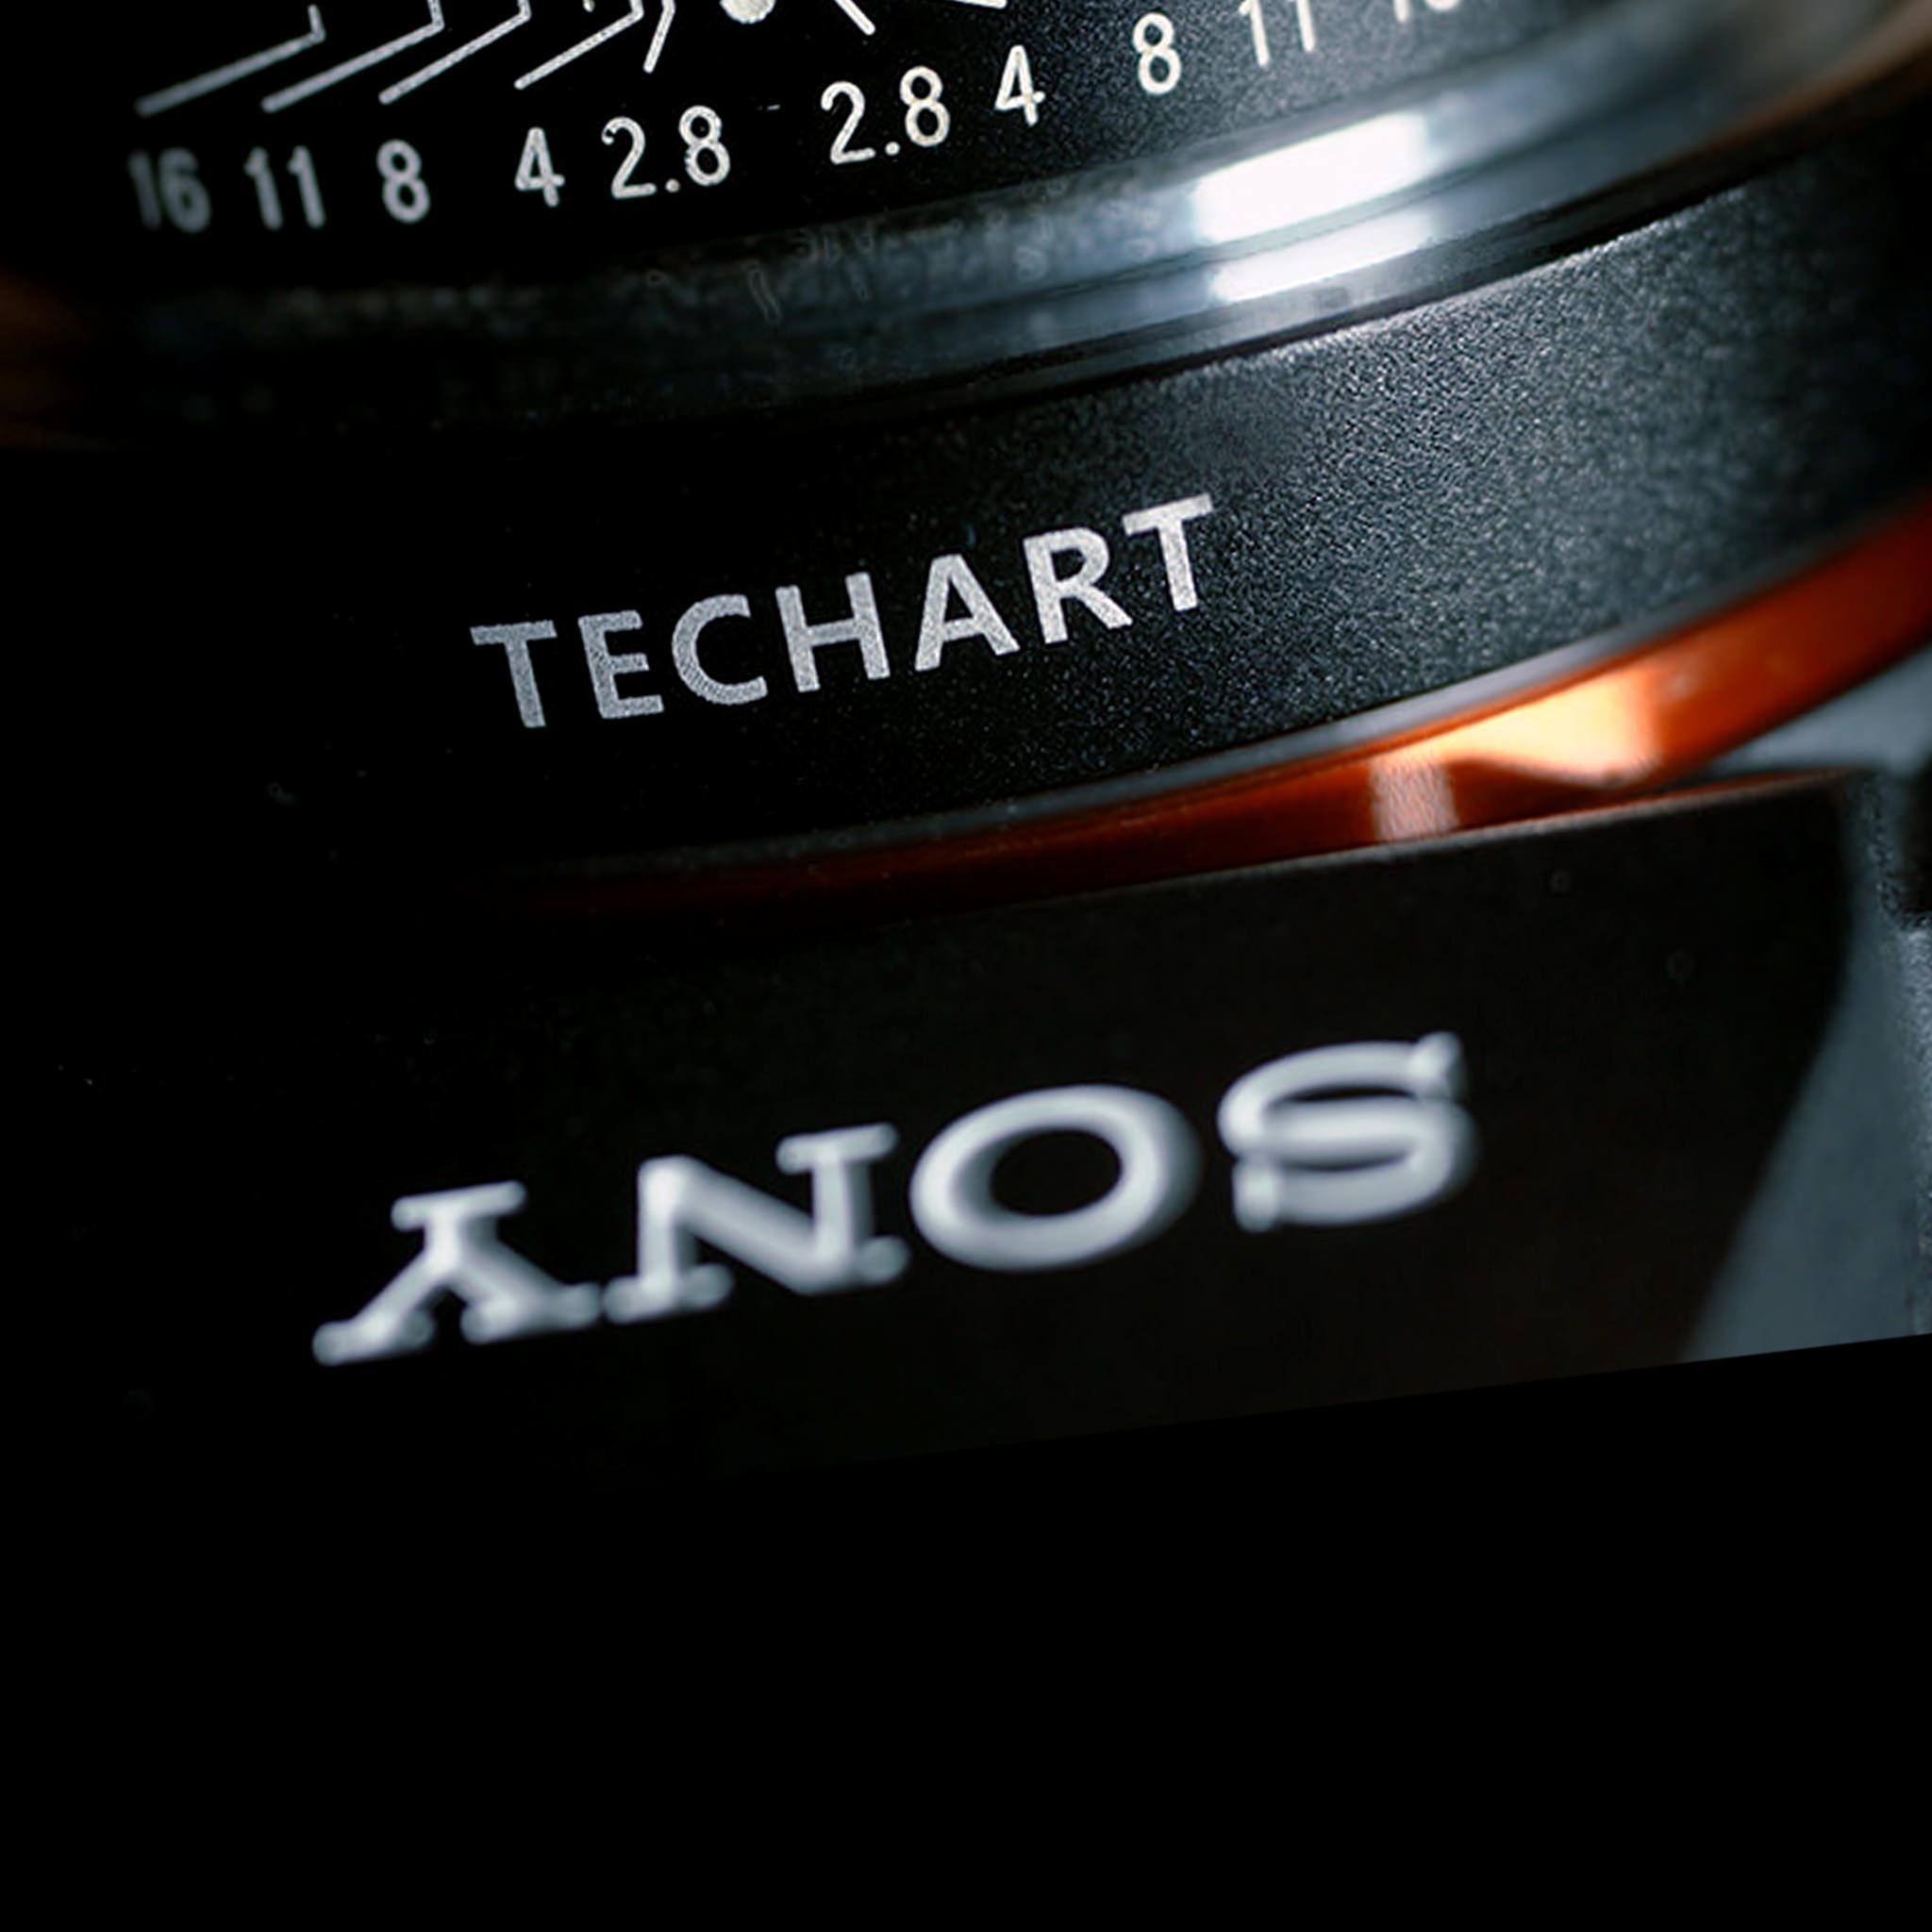 #2 Techart pro – manualne obiektywy z autofocusem